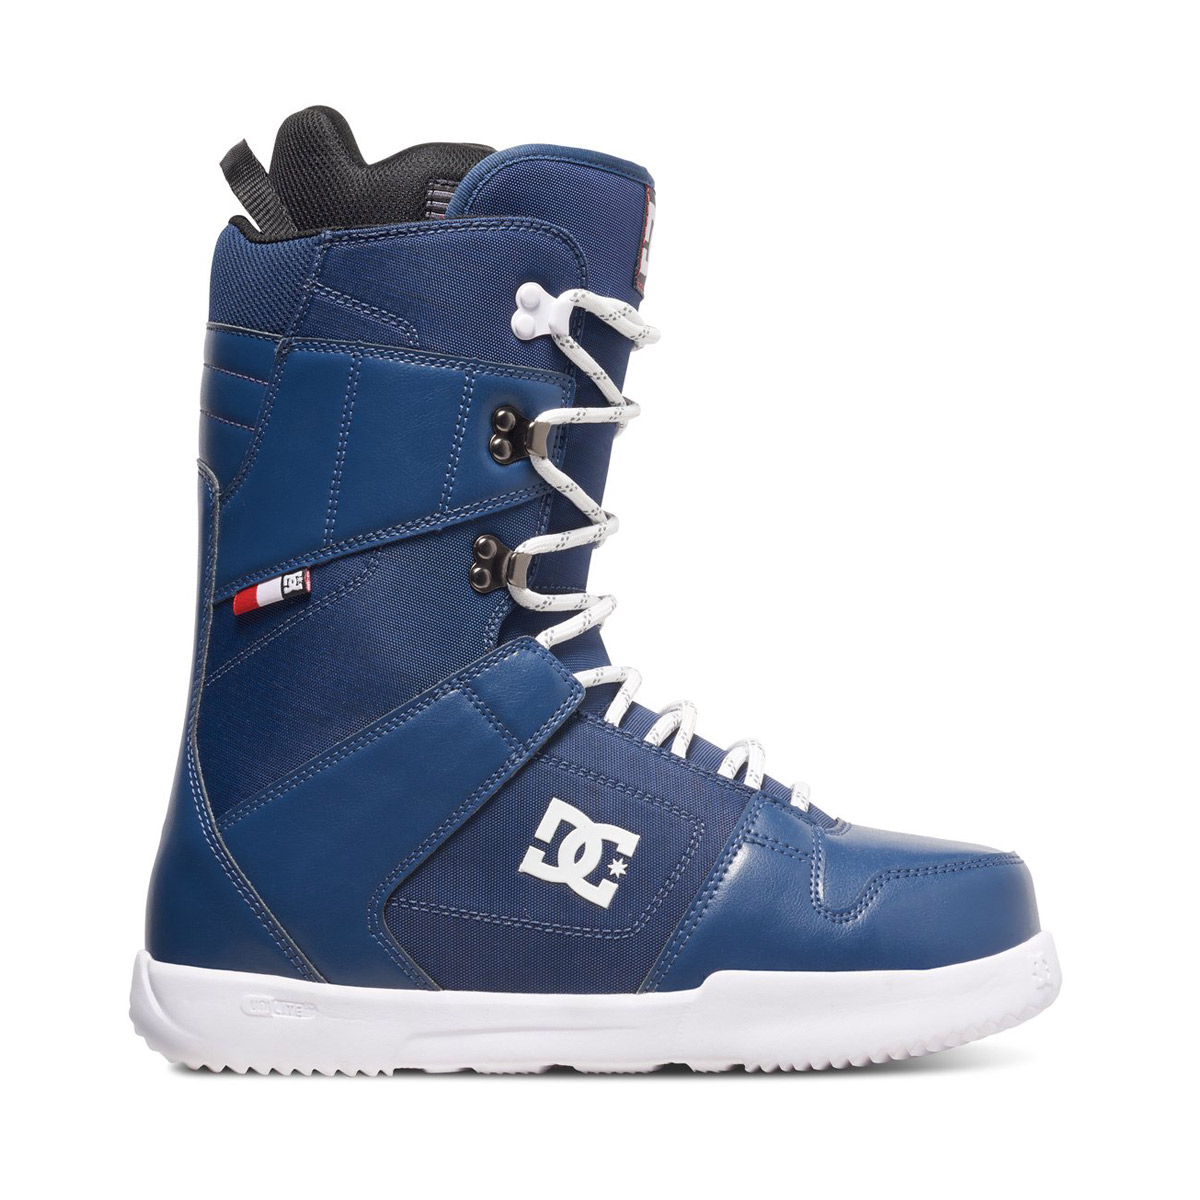 Ботинки для сноуборда DC Phase M LSBT Insignia Blue 2017